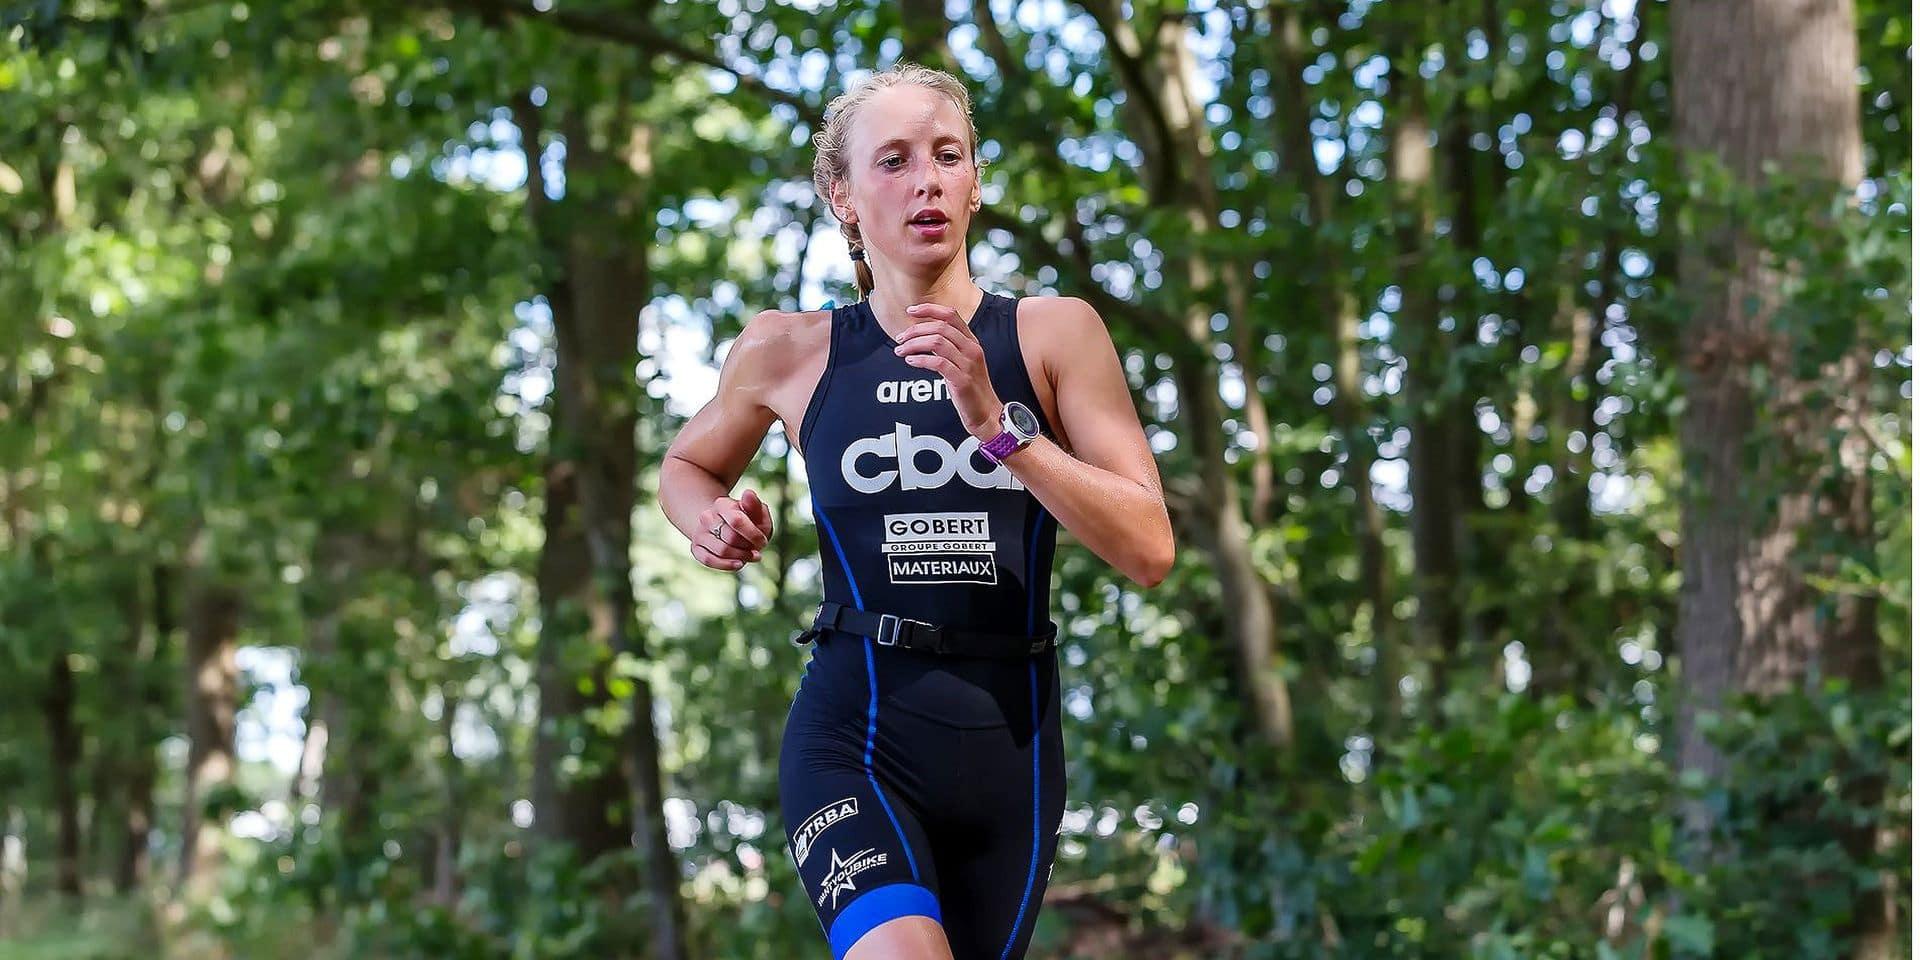 Kelly Decaluwé a terminé le triathlon demi-distance d'Eupen avec une belle troisième place !